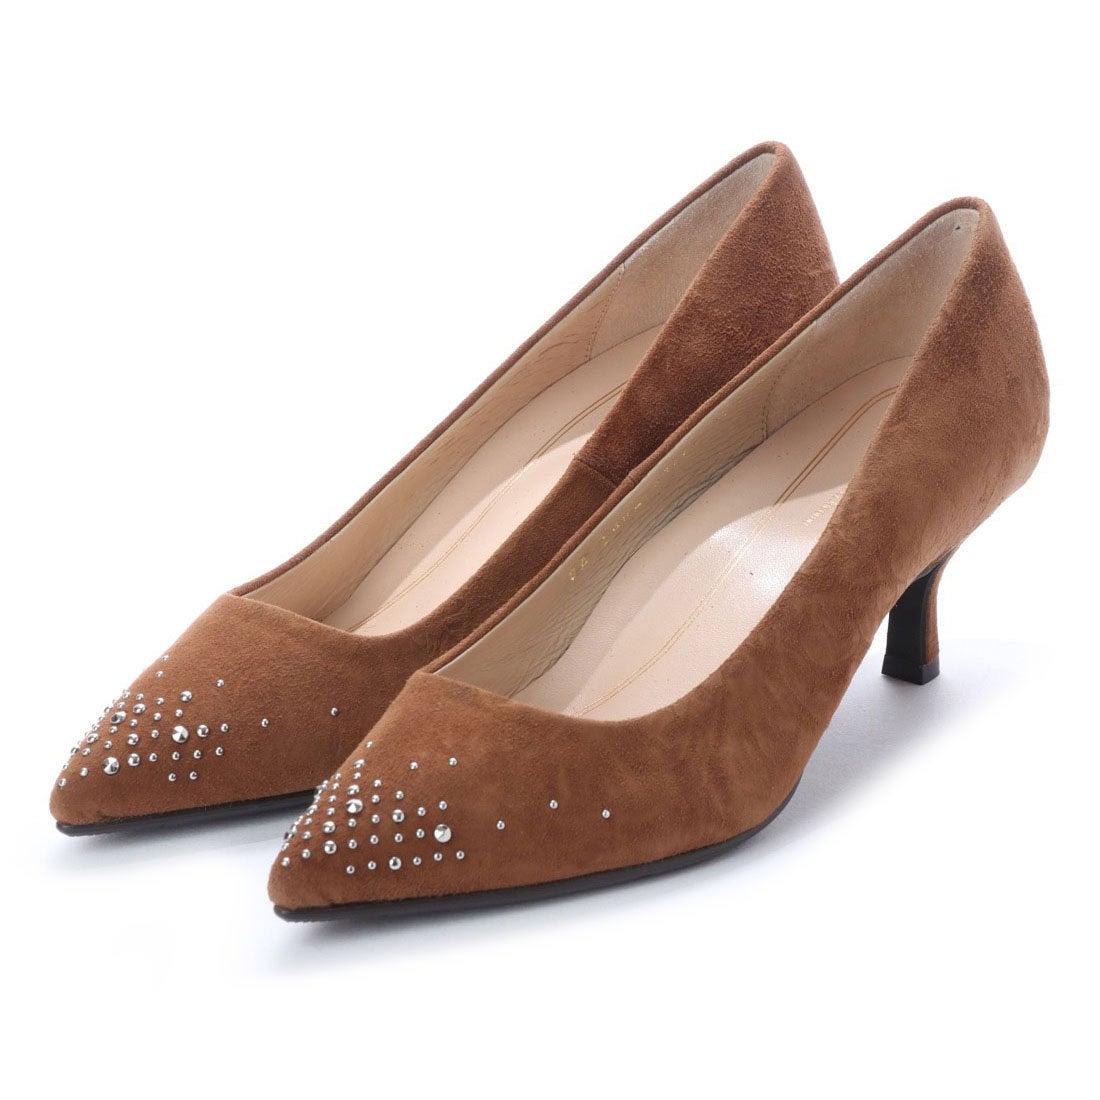 ロコンド 靴とファッションの通販サイトスタイルラボ STYLE lab 【高機能】スタッズキトゥンヒールパンプス (ブラウンスエード)